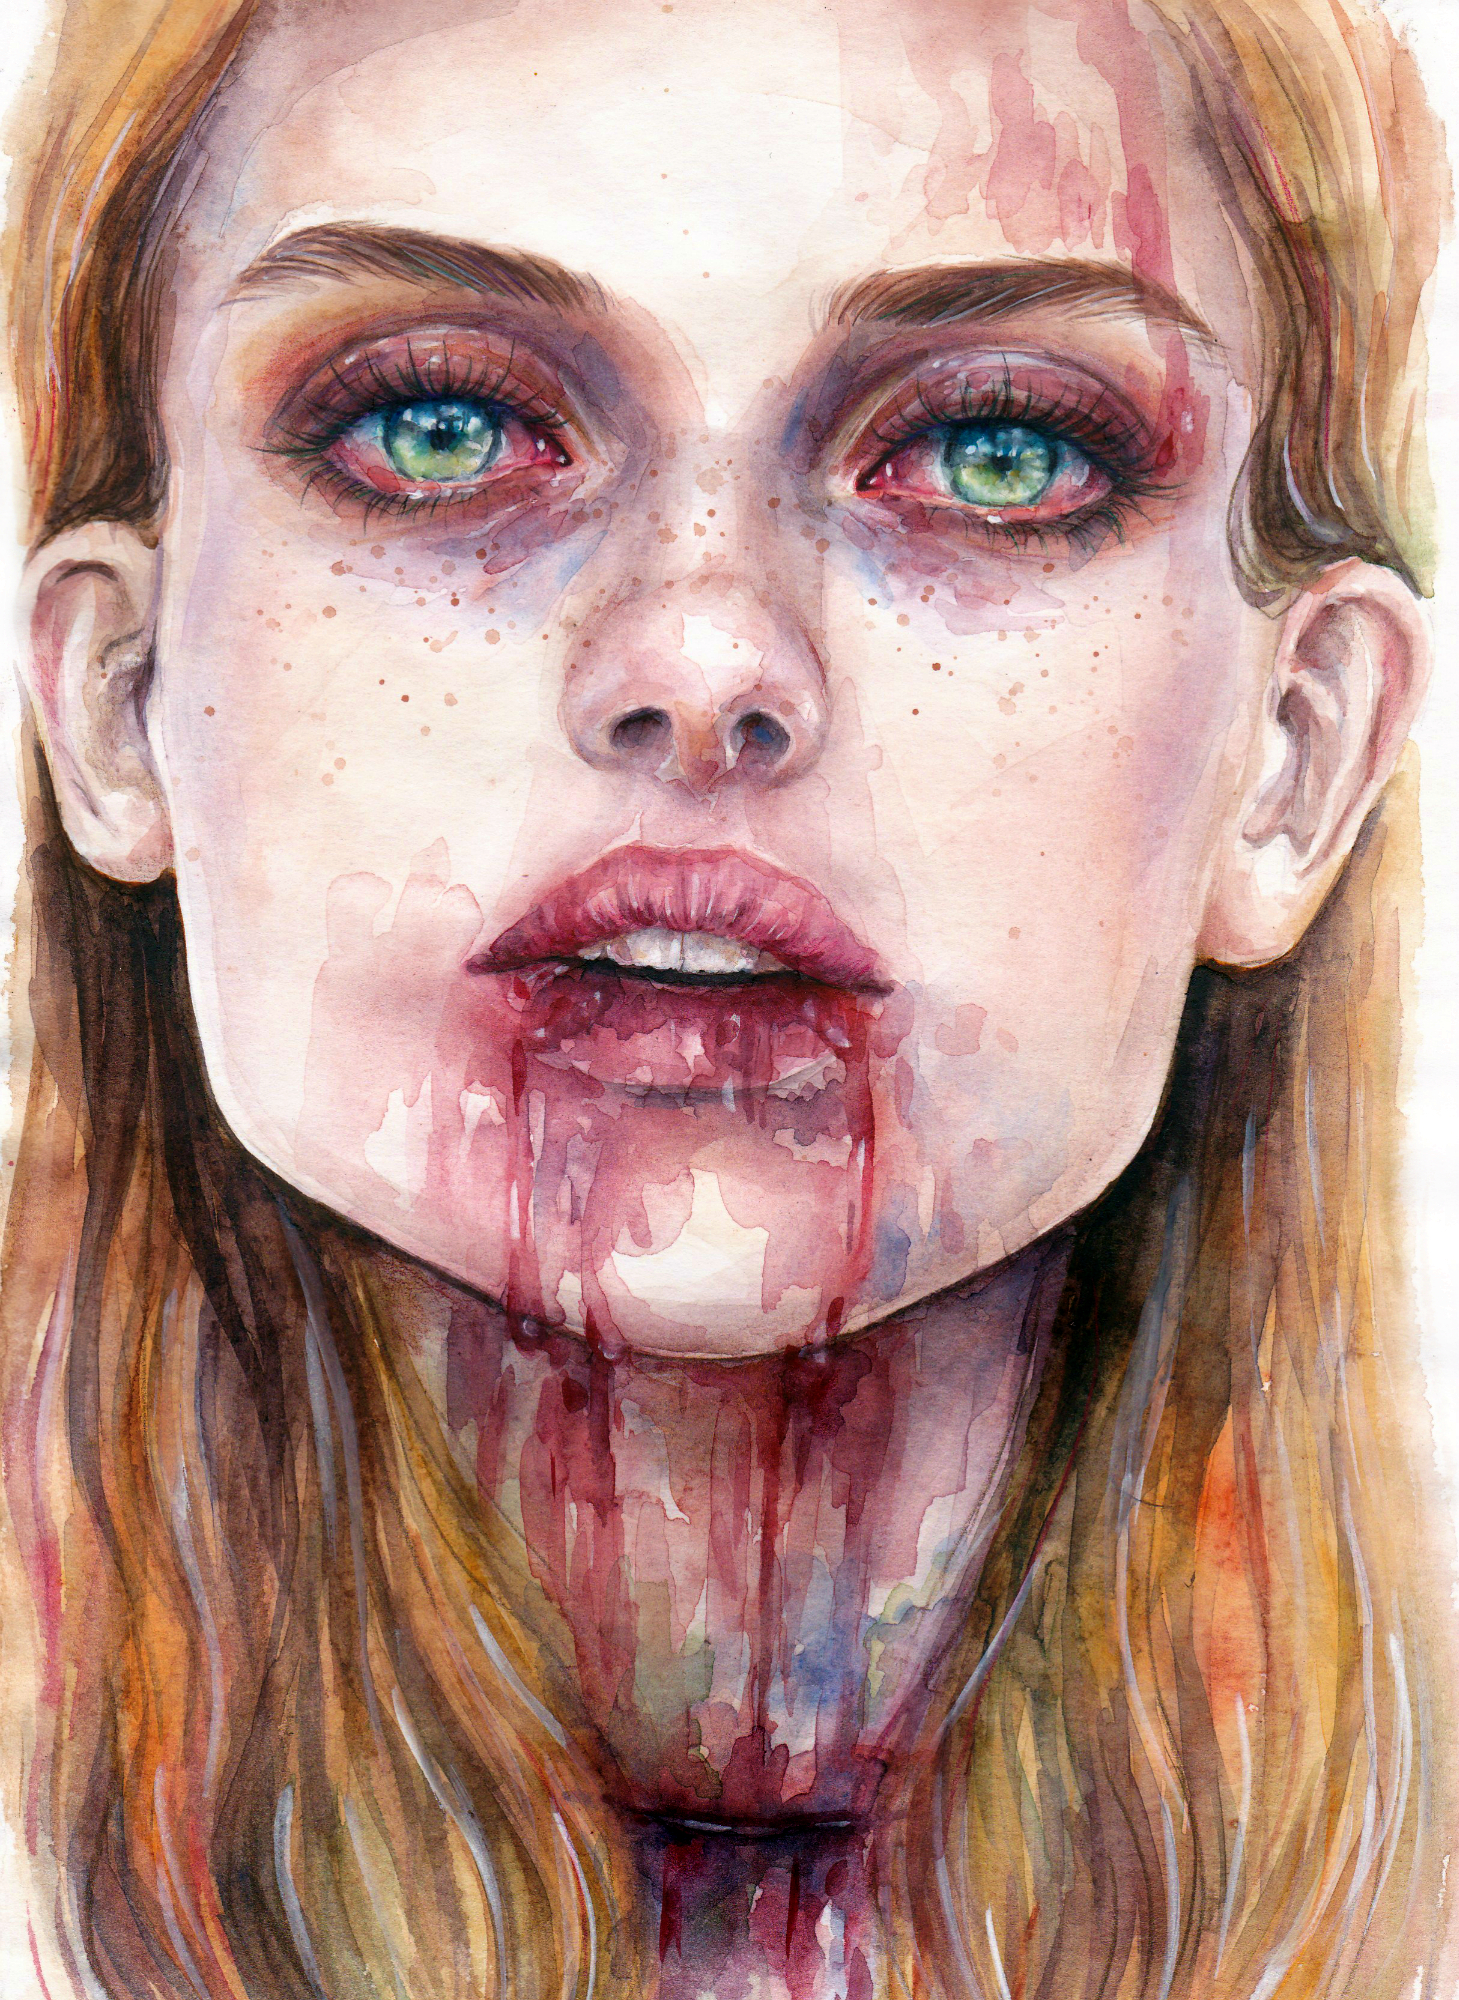 corpse by Artilin